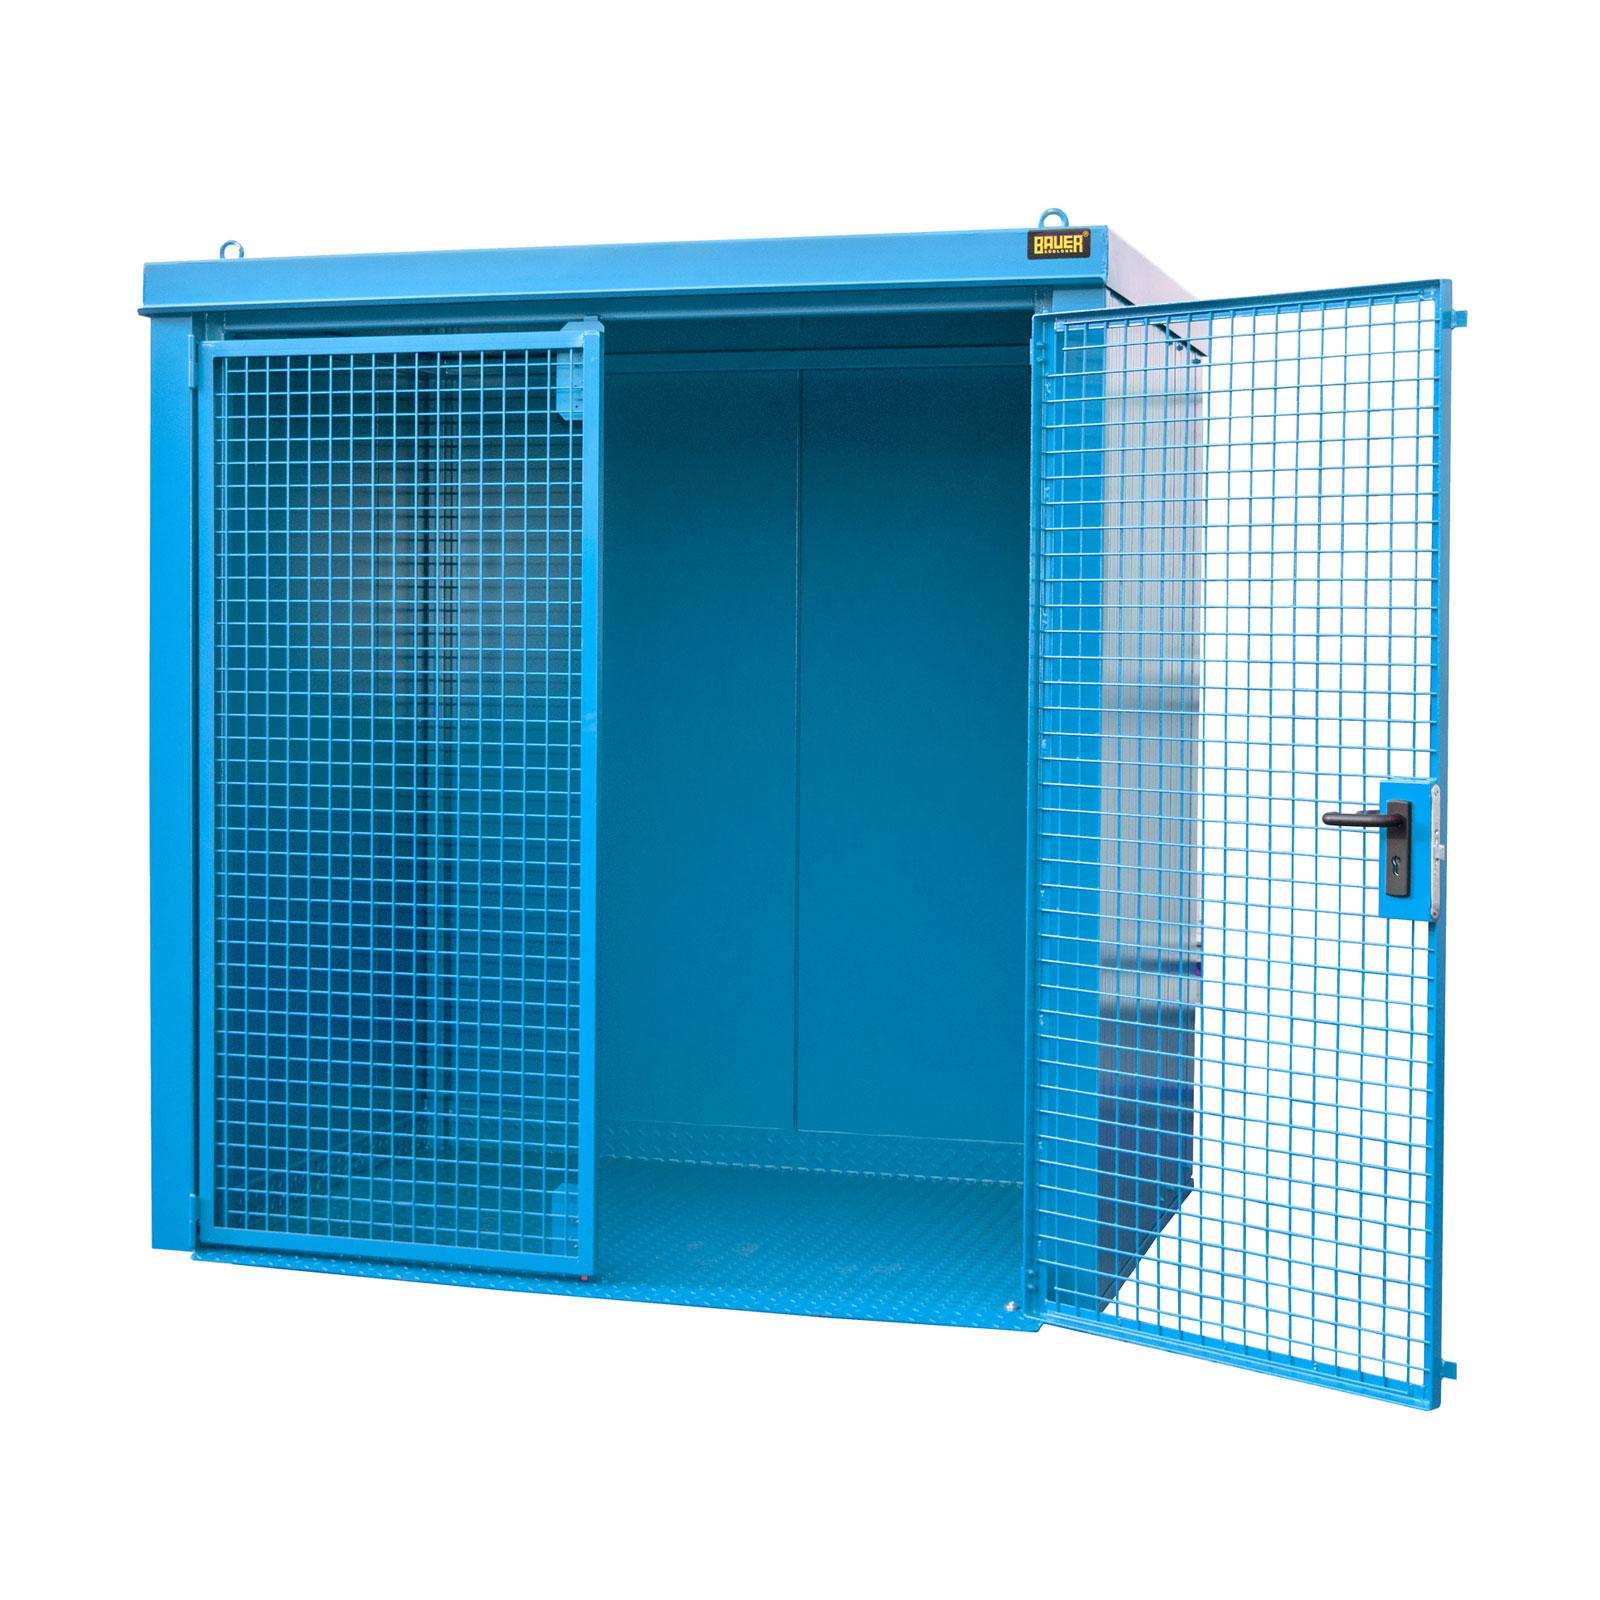 Bauer Gasflaschen-Container GFC-B M2, Lichtblau für 35x Gasflaschen Ø 230 mm 4477-32-0000-3